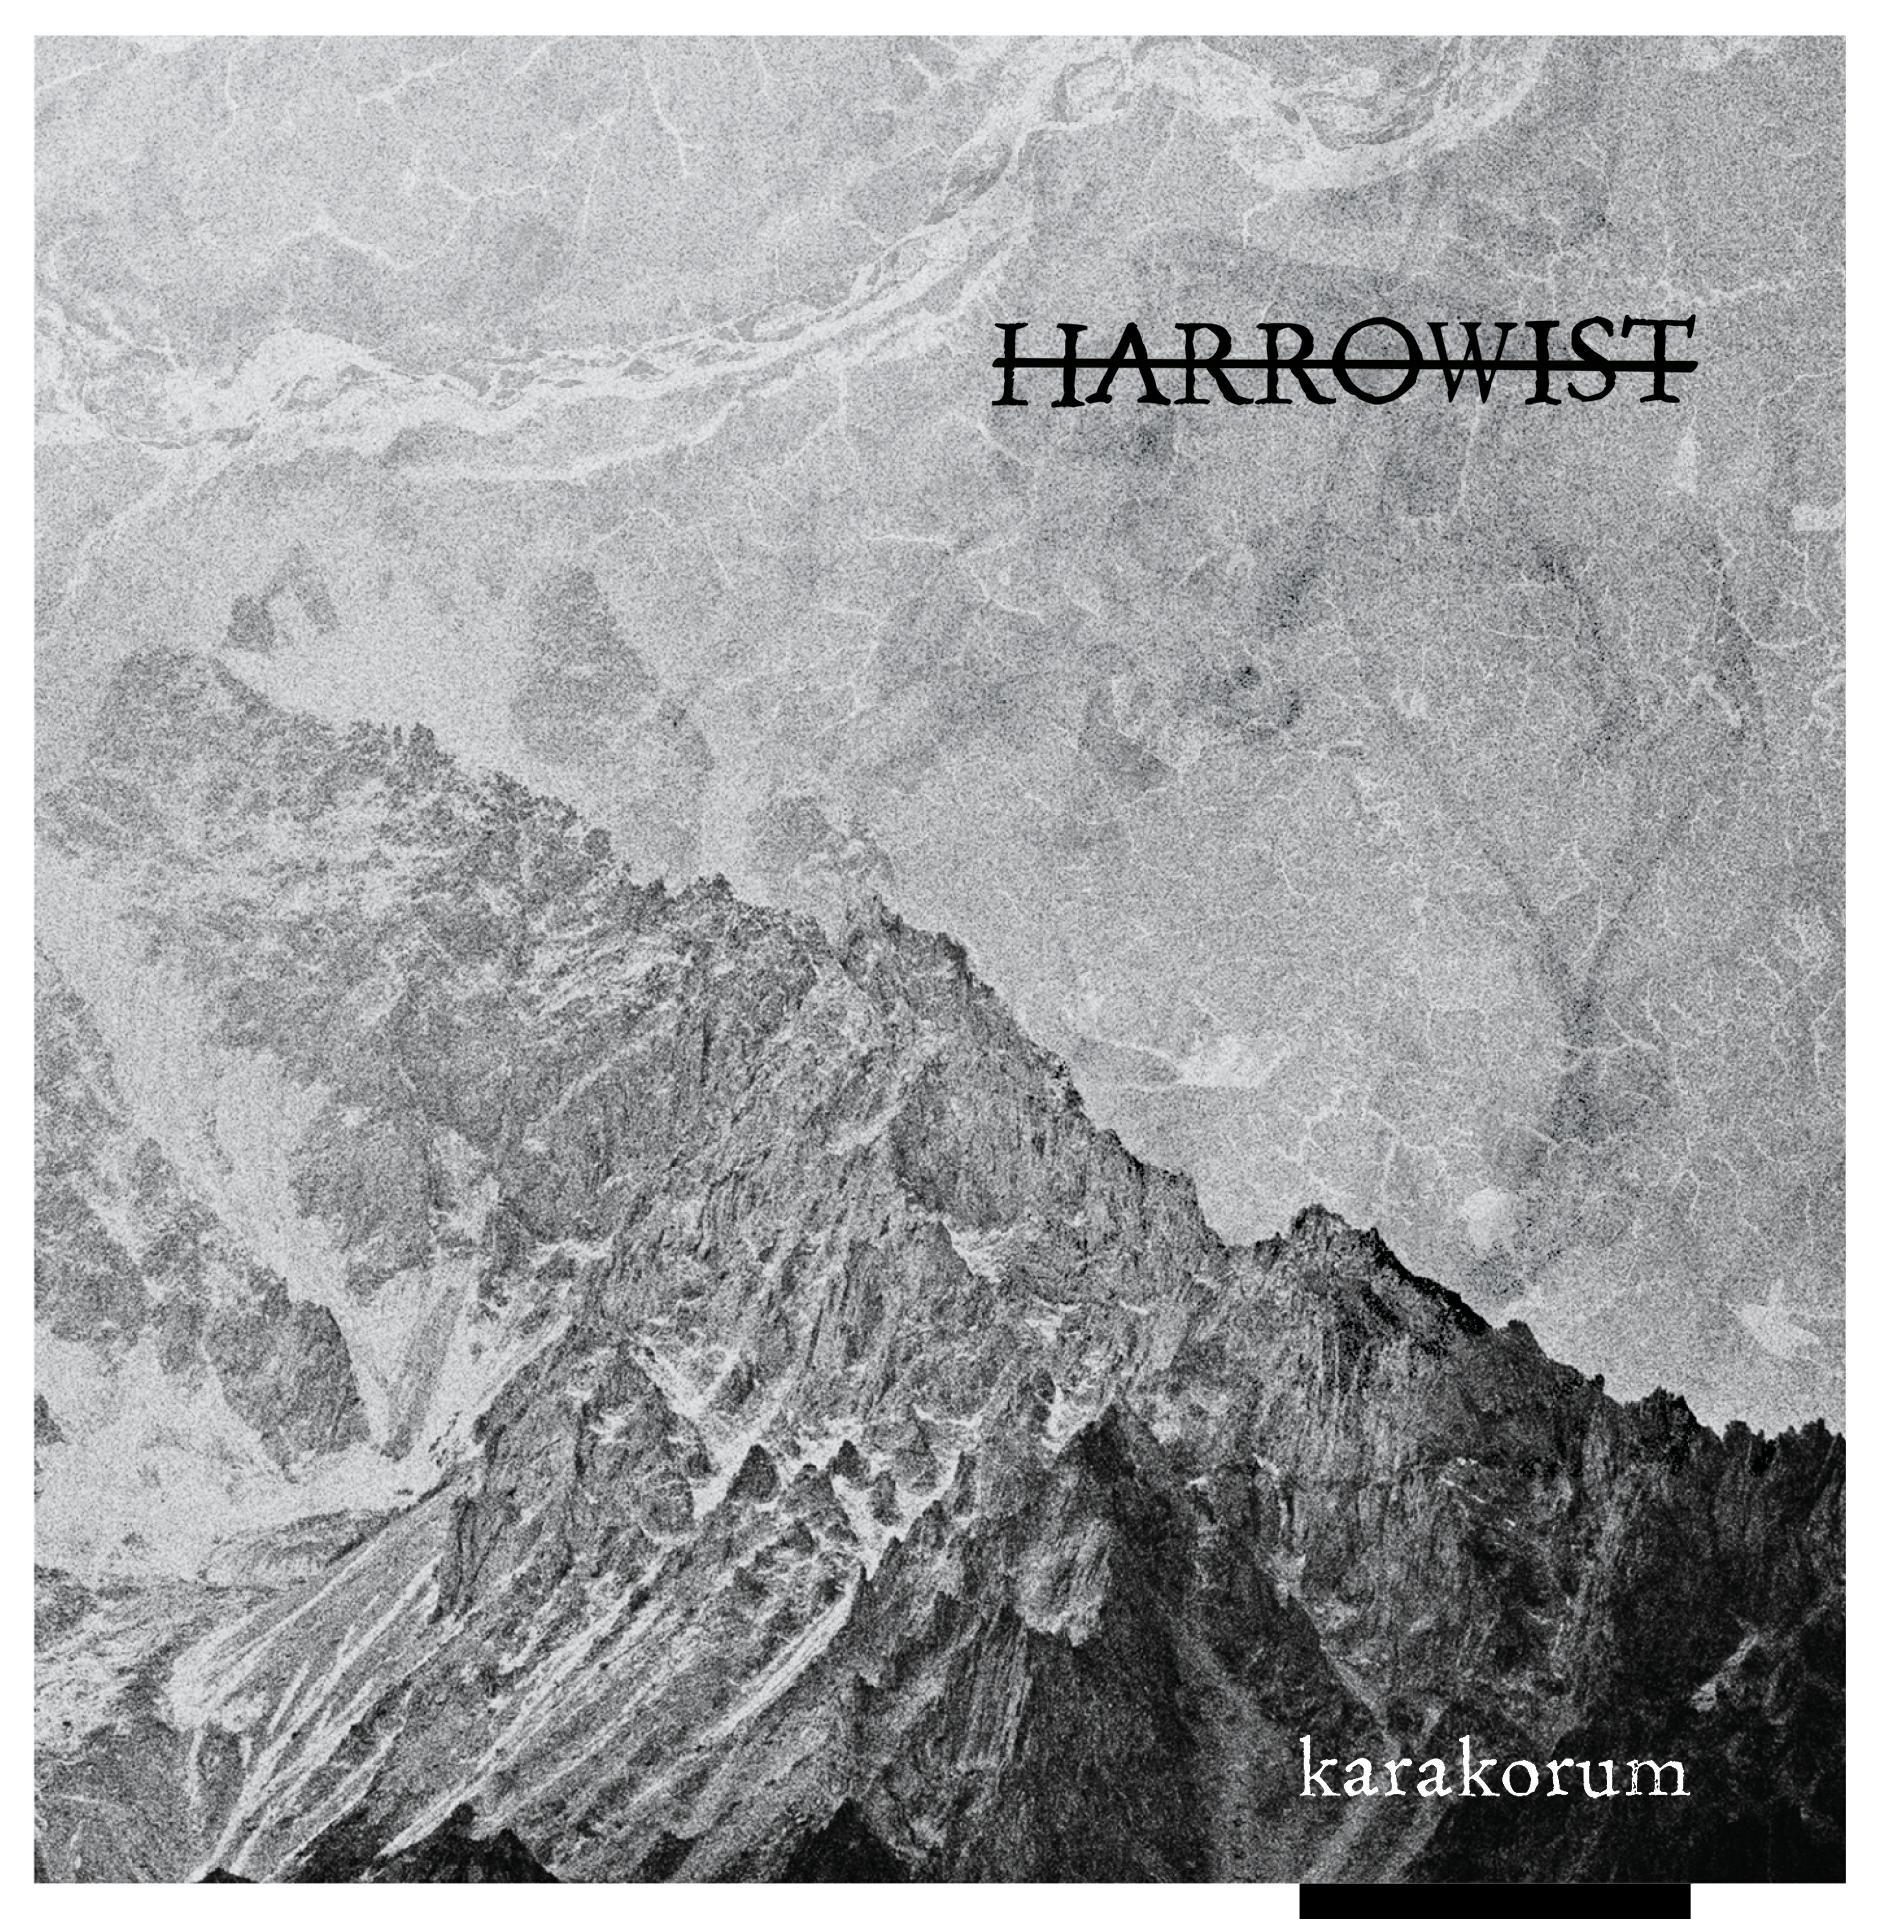 REVIEW: Harrowist – Karakorum